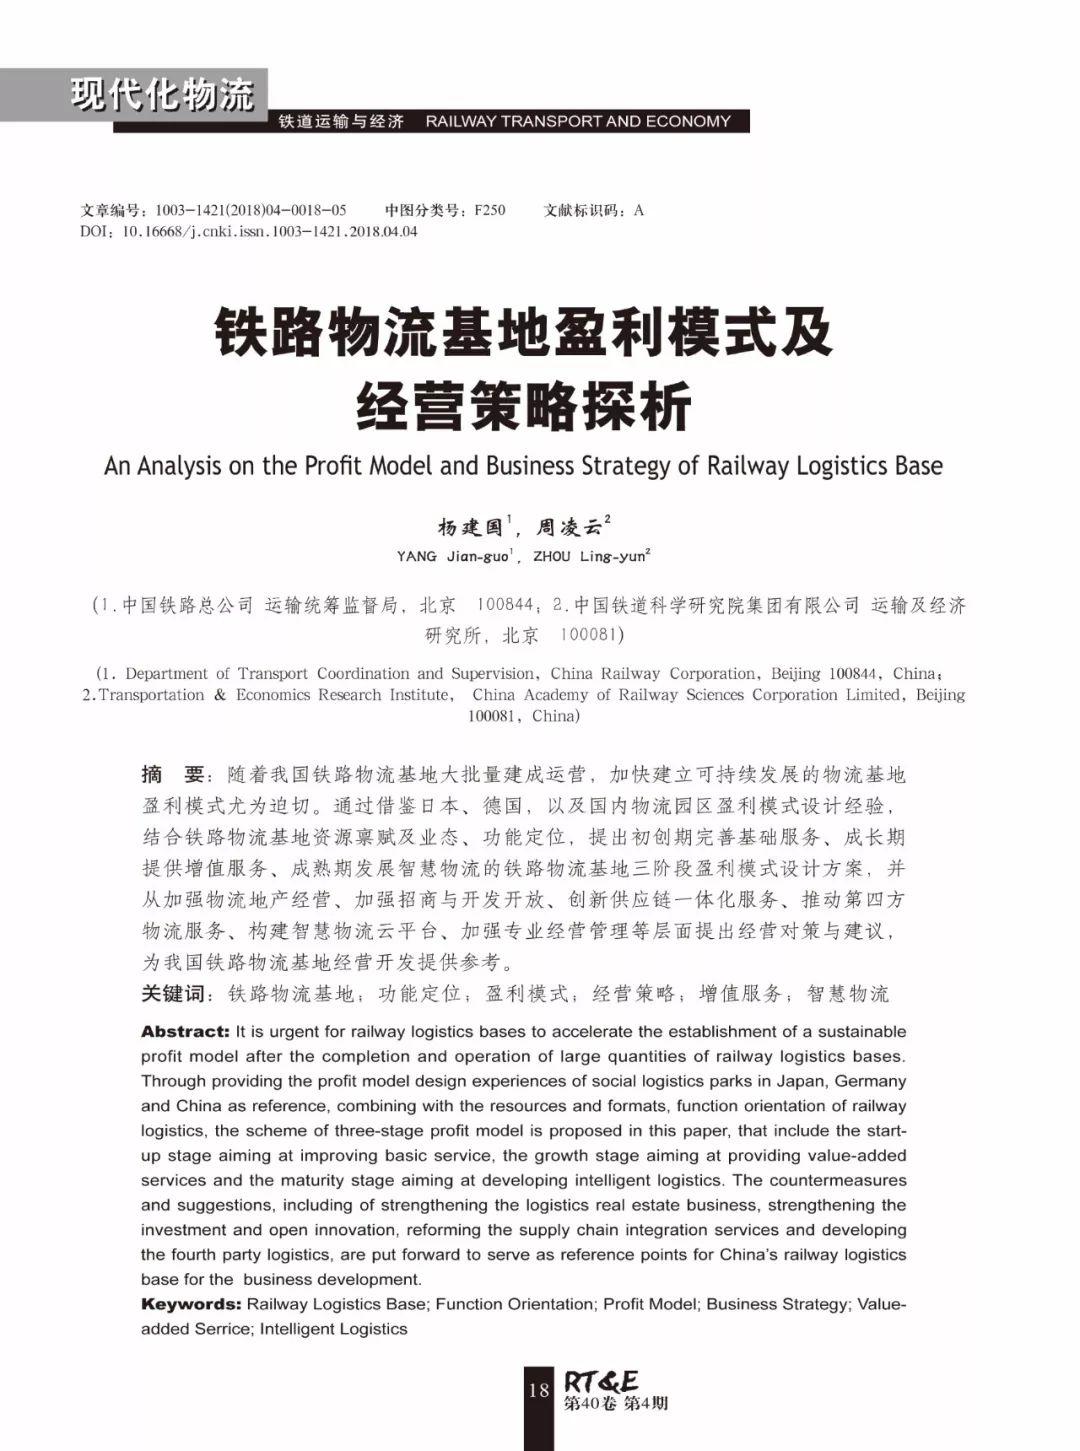 《铁道运输与经济:铁路物流基地盈利模式及经营策略探析》